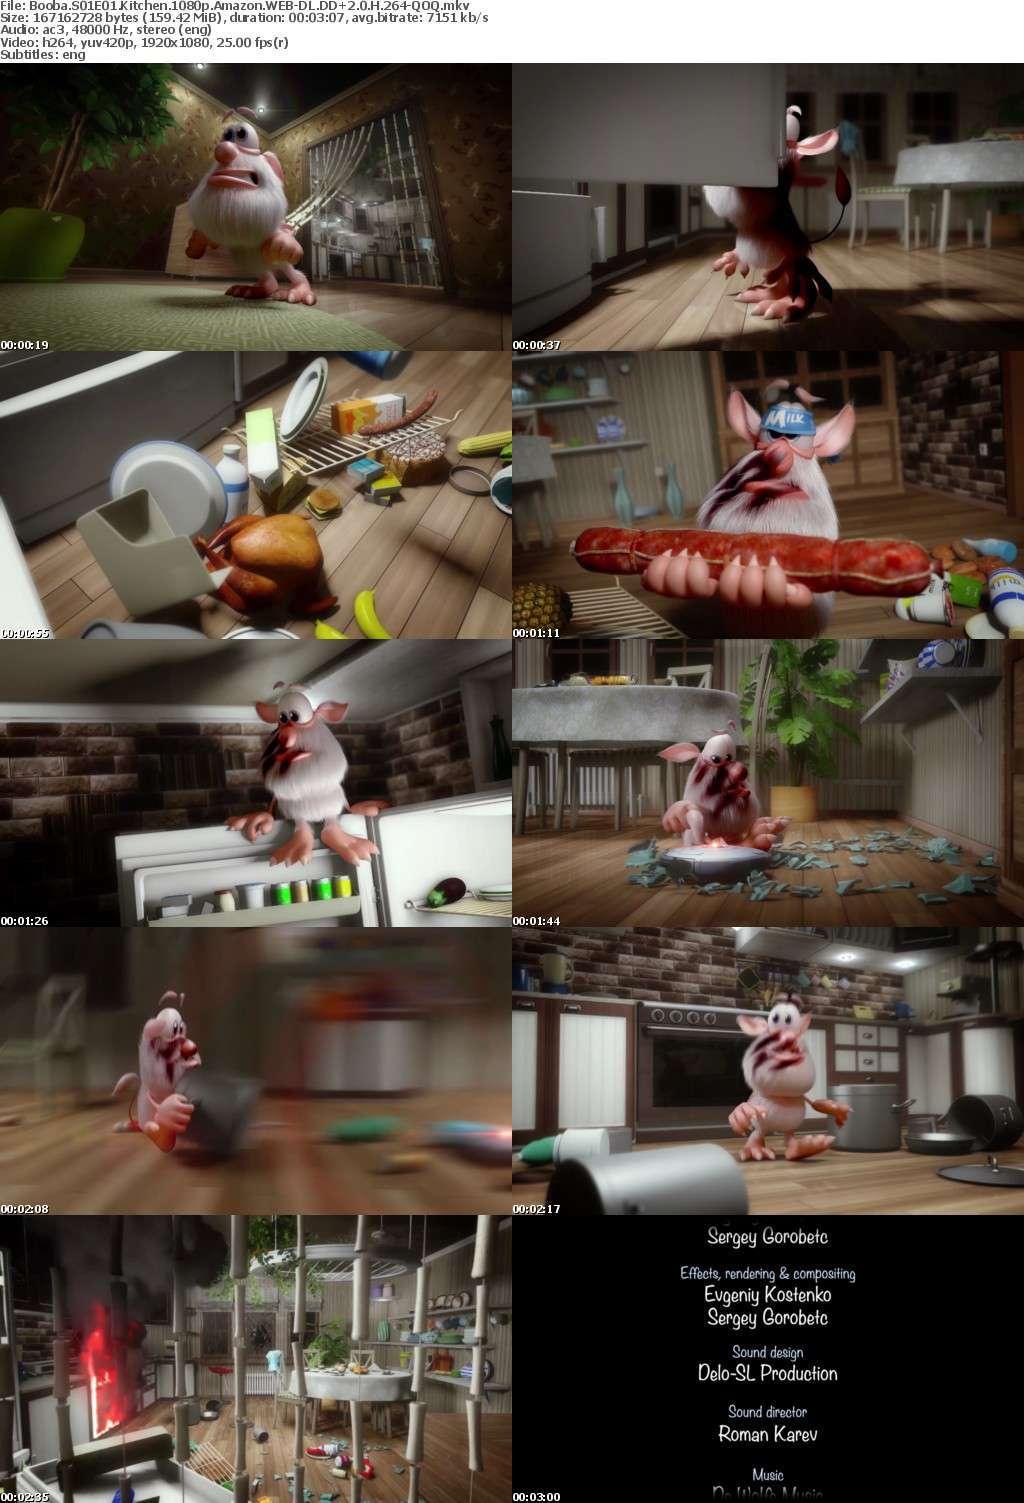 Booba S01E01 Kitchen 1080p Amazon WEB-DL DD+2 0 H 264-QOQ